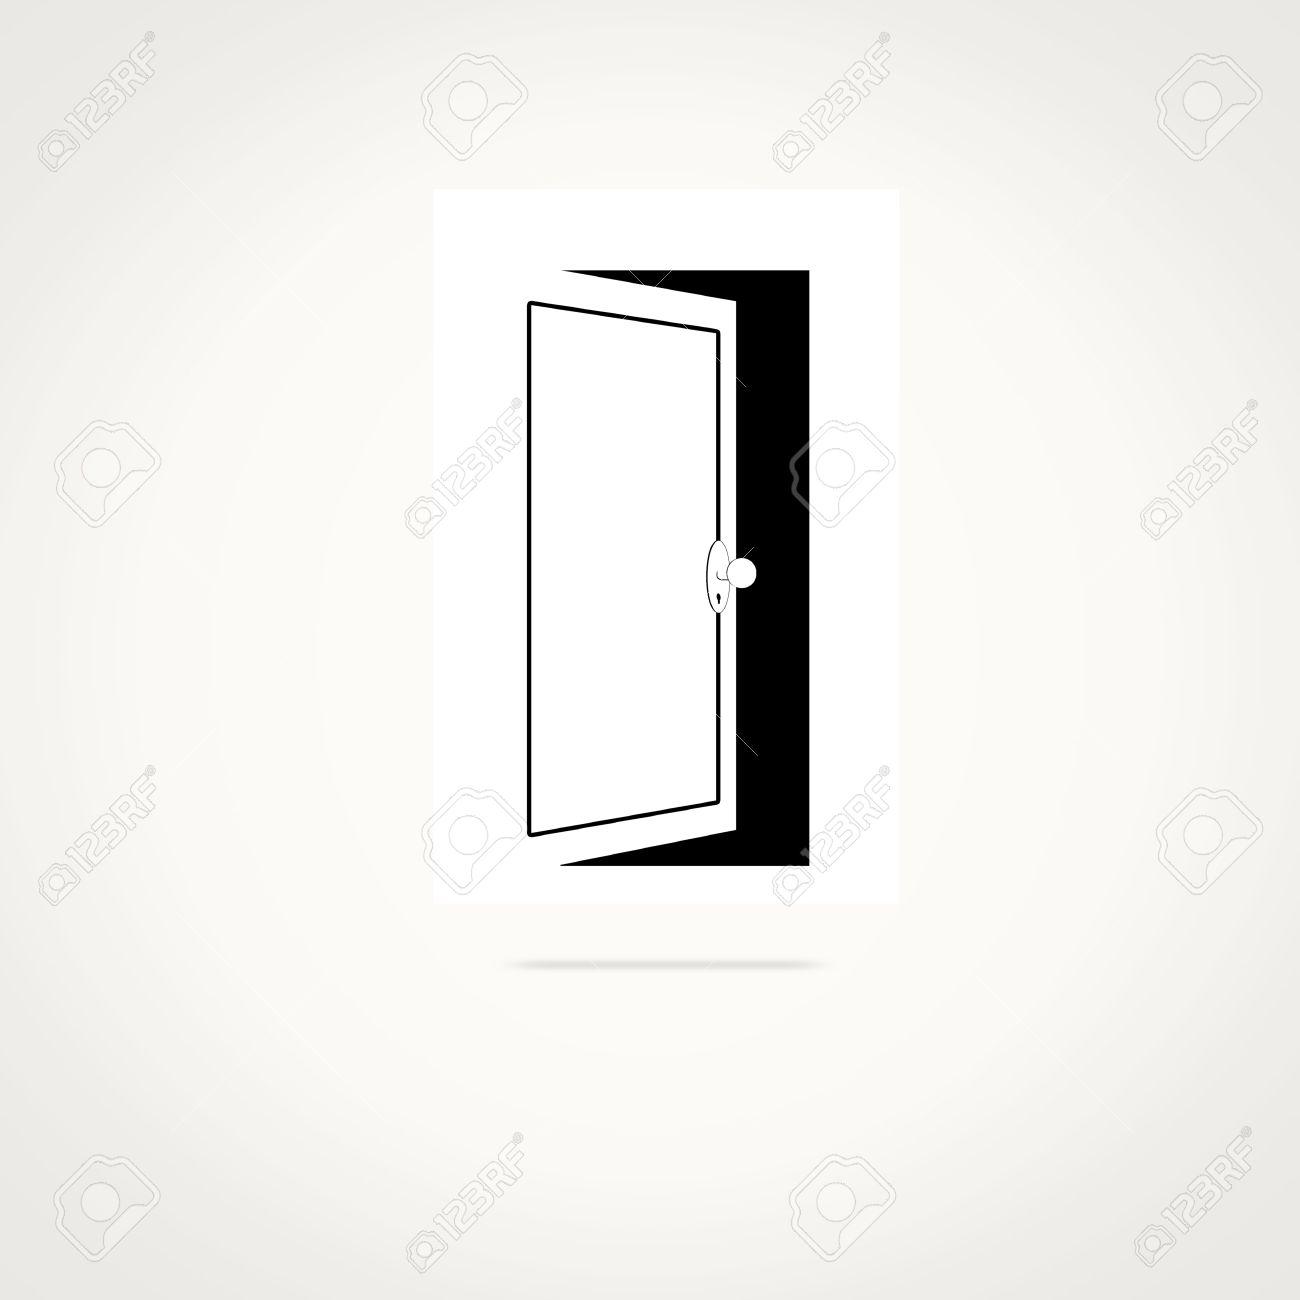 1300x1300 Uncommon Open Door Pictures Open Door Vector Images Stock Pictures